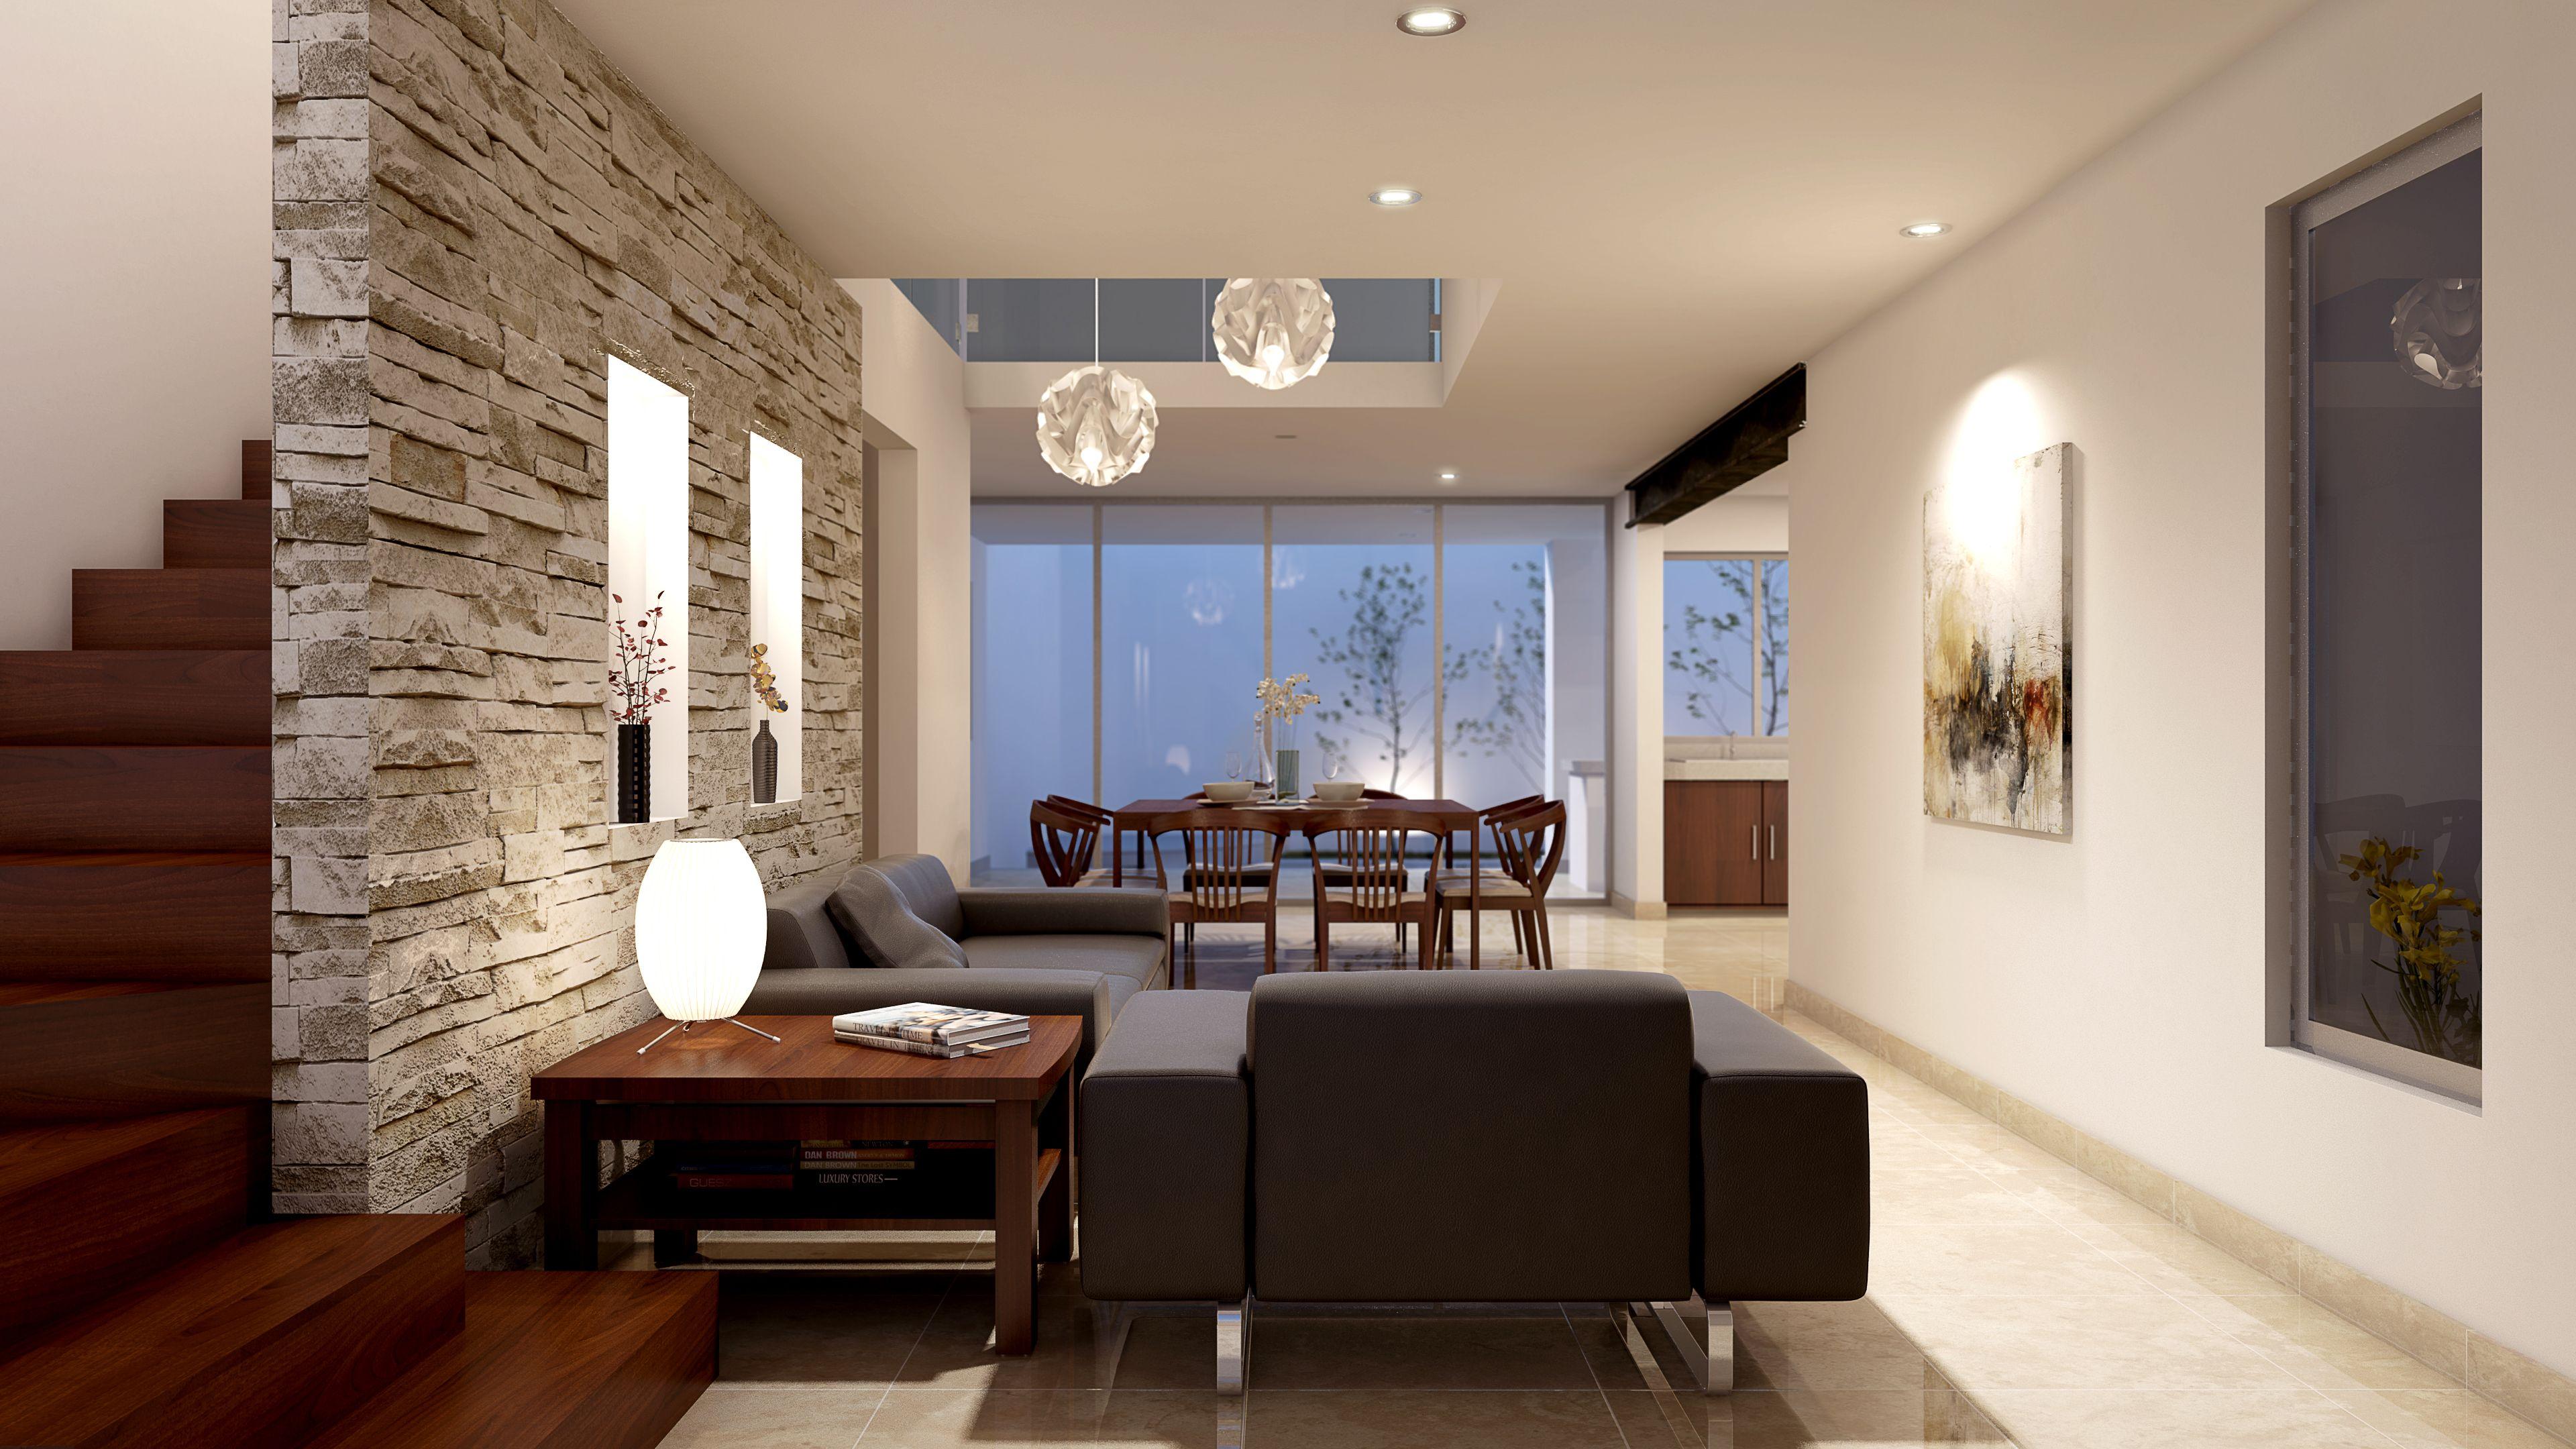 Sala comedor escalera de madera nicho de piedra rajuela for Disenos de salas y comedores modernos